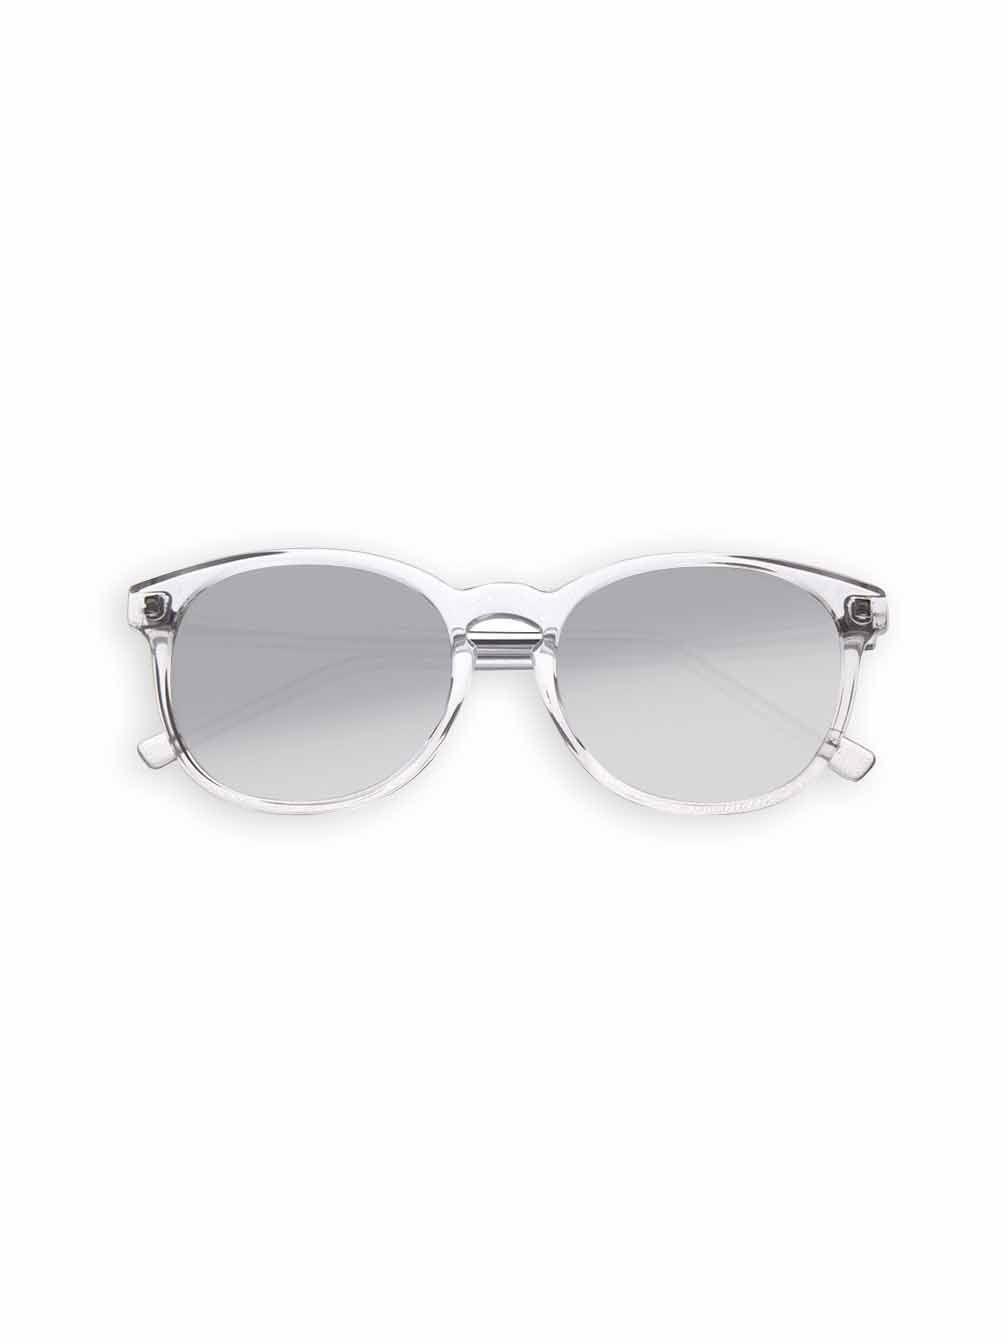 c6d64f809947b Oculos Zera Transparente Lente Prata Espelhada   Óculos Helena Bordon Zera  Transparente Lente Prata Espelhada Material